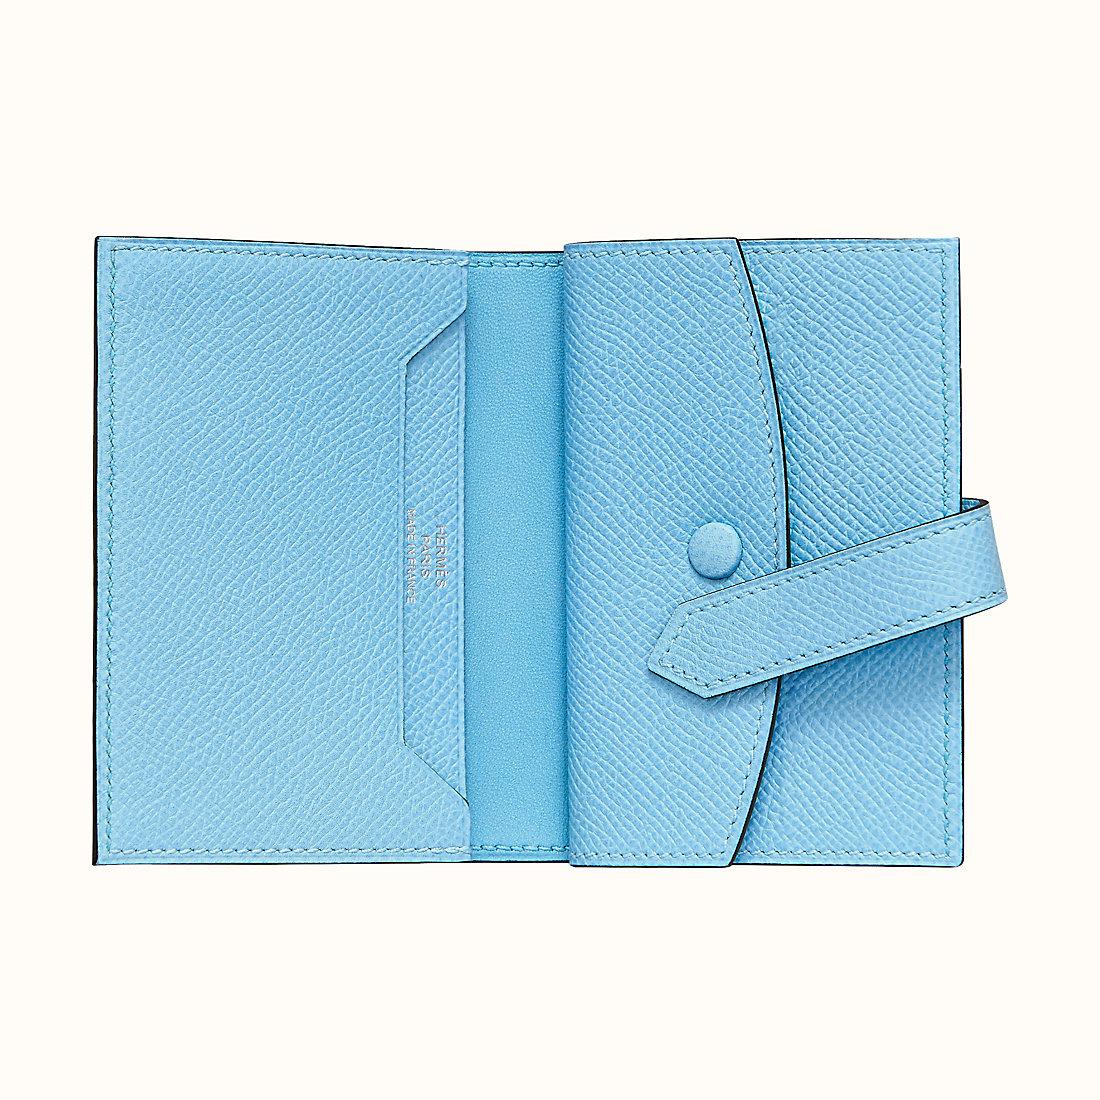 臺灣宜蘭縣愛馬仕短錢包尺寸 Hermes Bearn mini wallet CK7N Céleste 天藍色